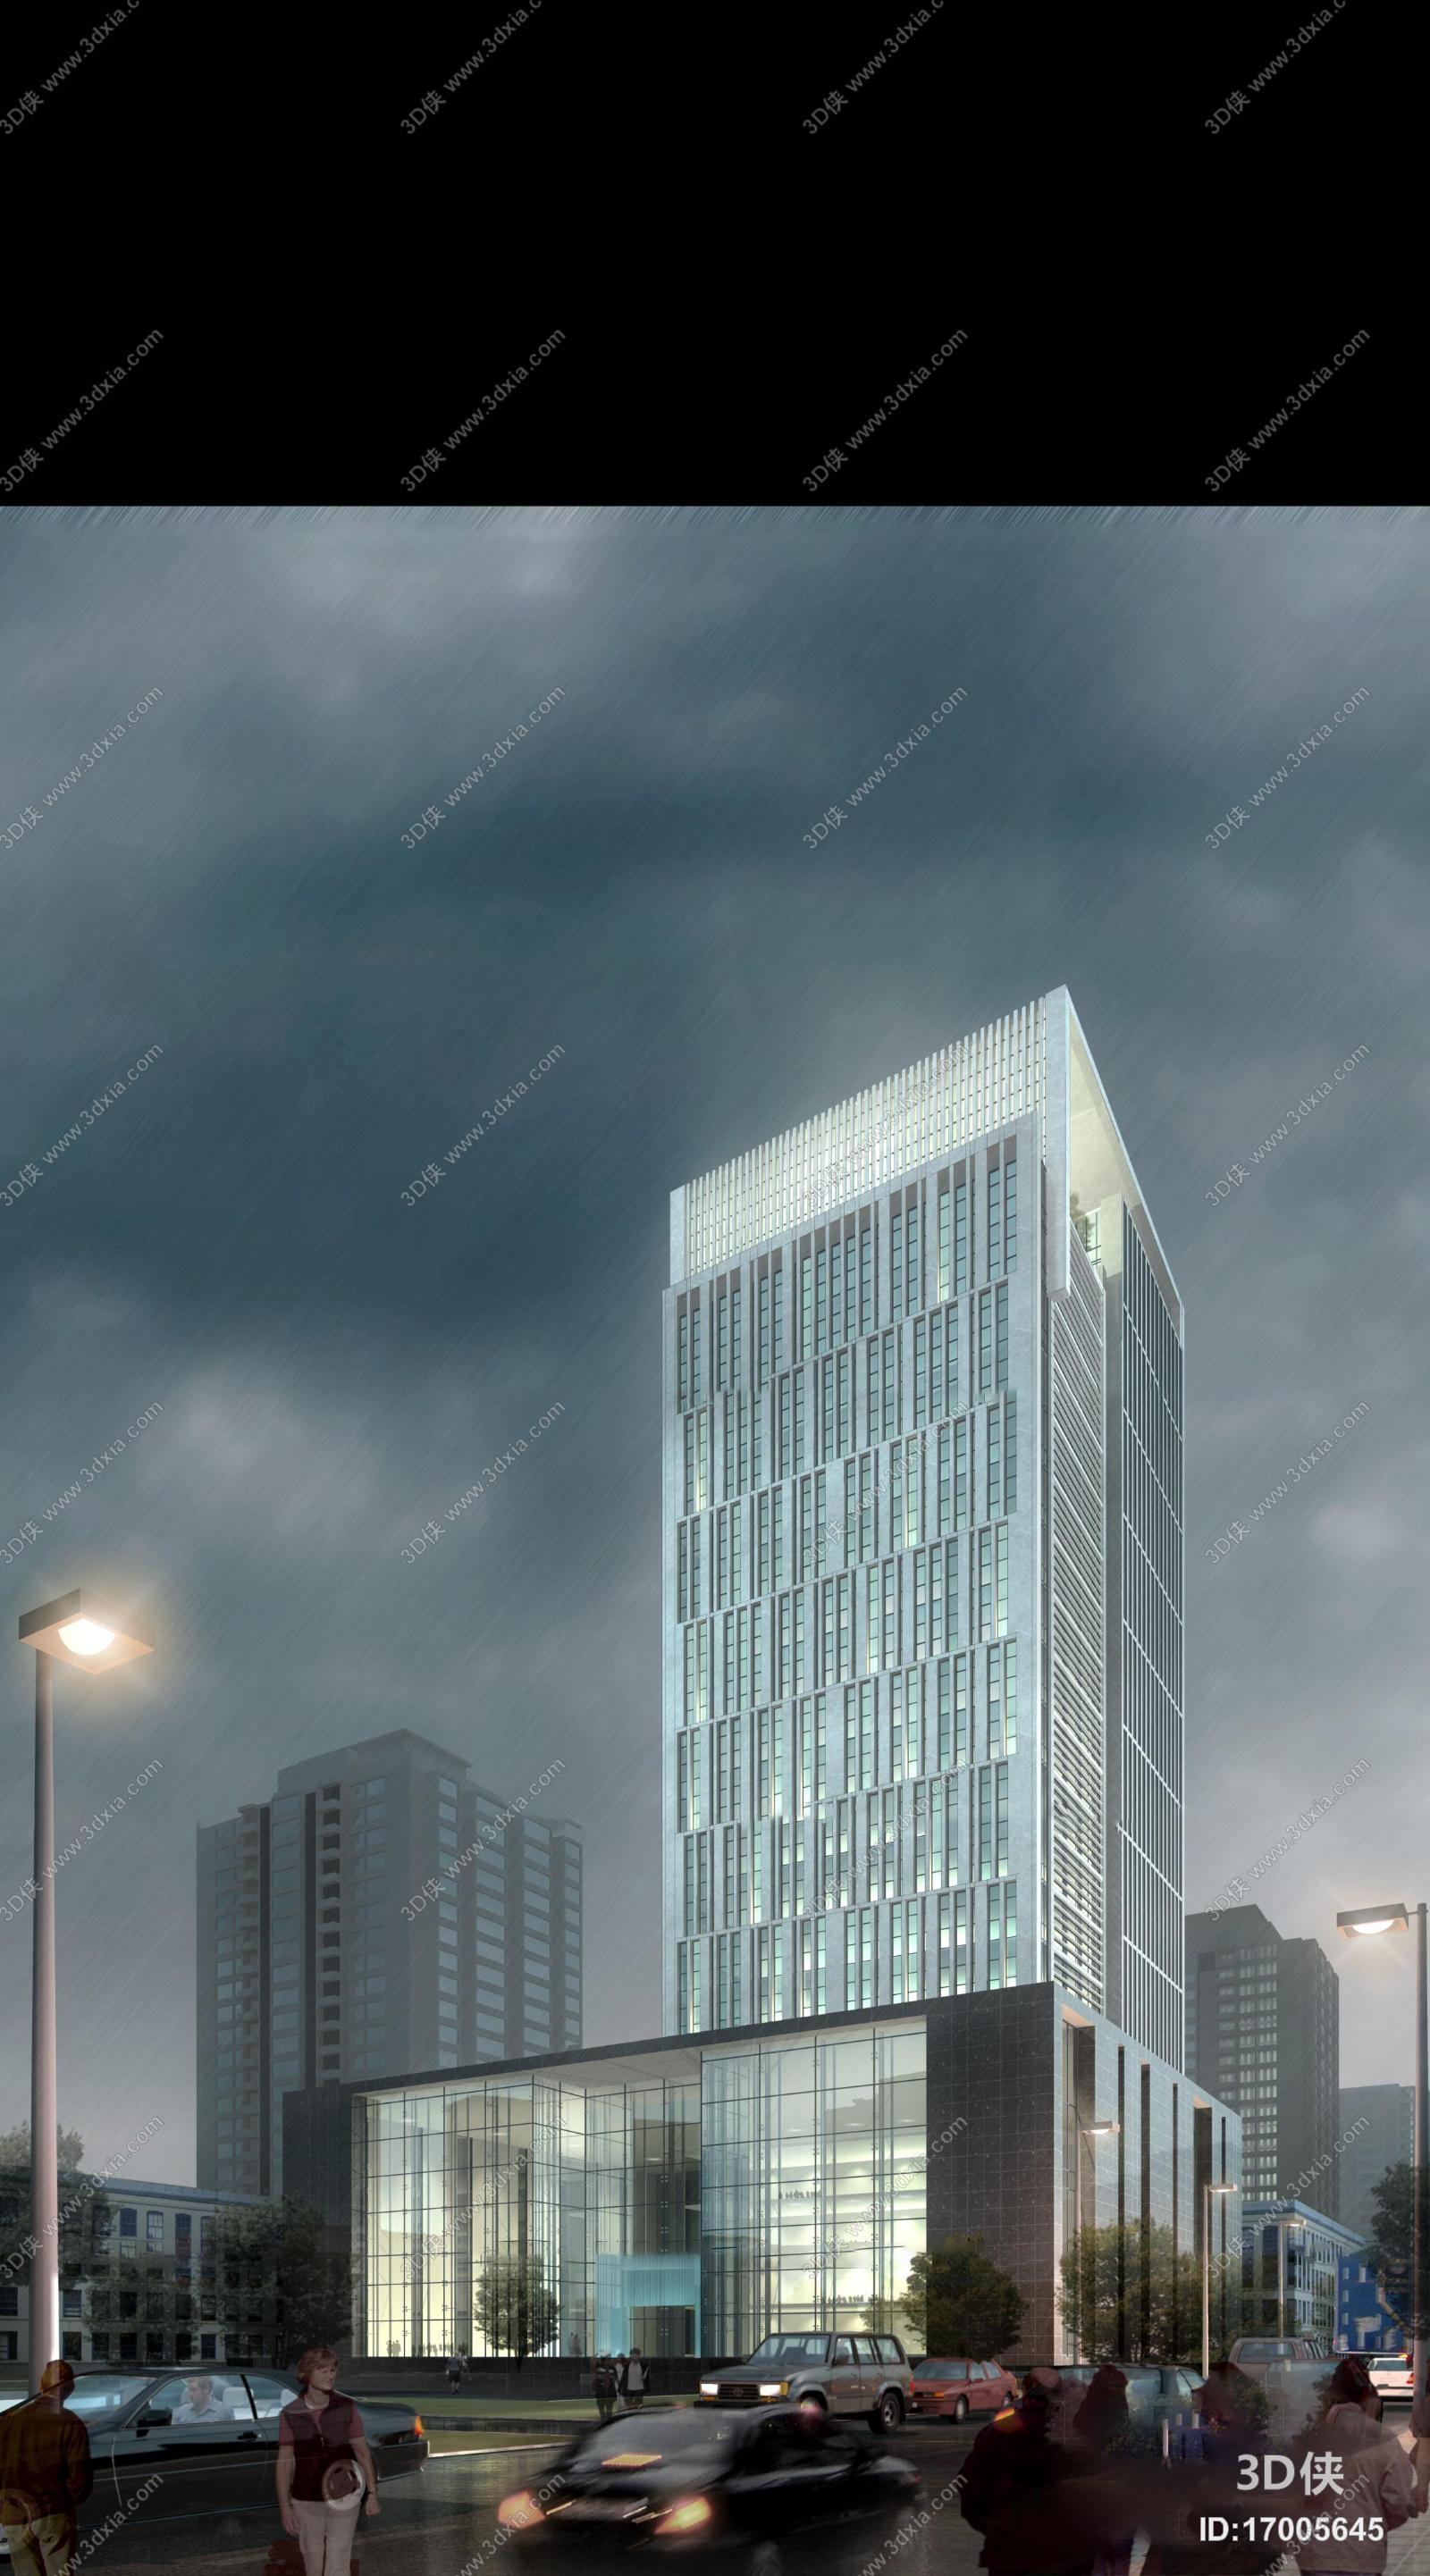 效果图素材免费下载,本作品主题是现代建筑外观3d模型,编号是17005645